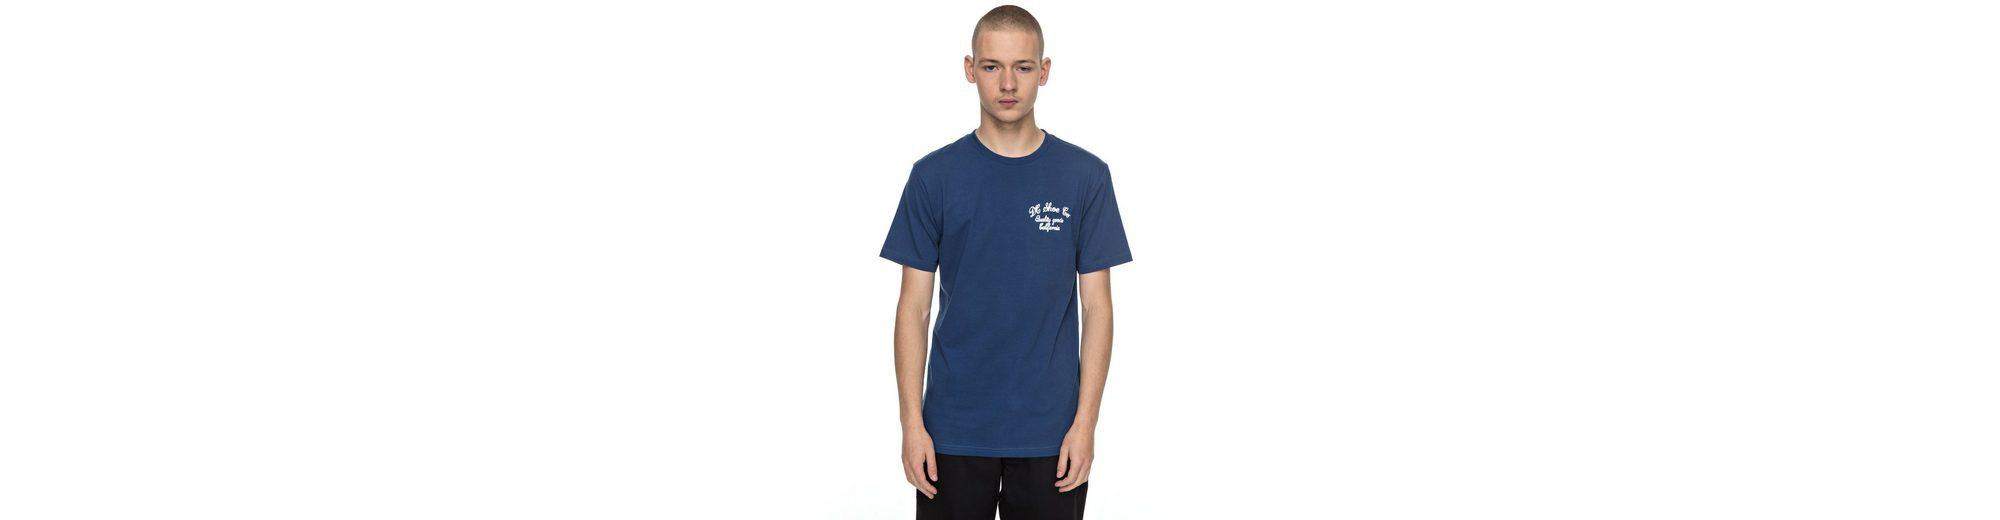 Kaufen Billig Authentisch Günstig Kaufen Günstigsten Preis DC Shoes T-Shirt Squander Günstige Standorte Verkauf Auslass Spielraum Großer Rabatt xNBHqiZ7